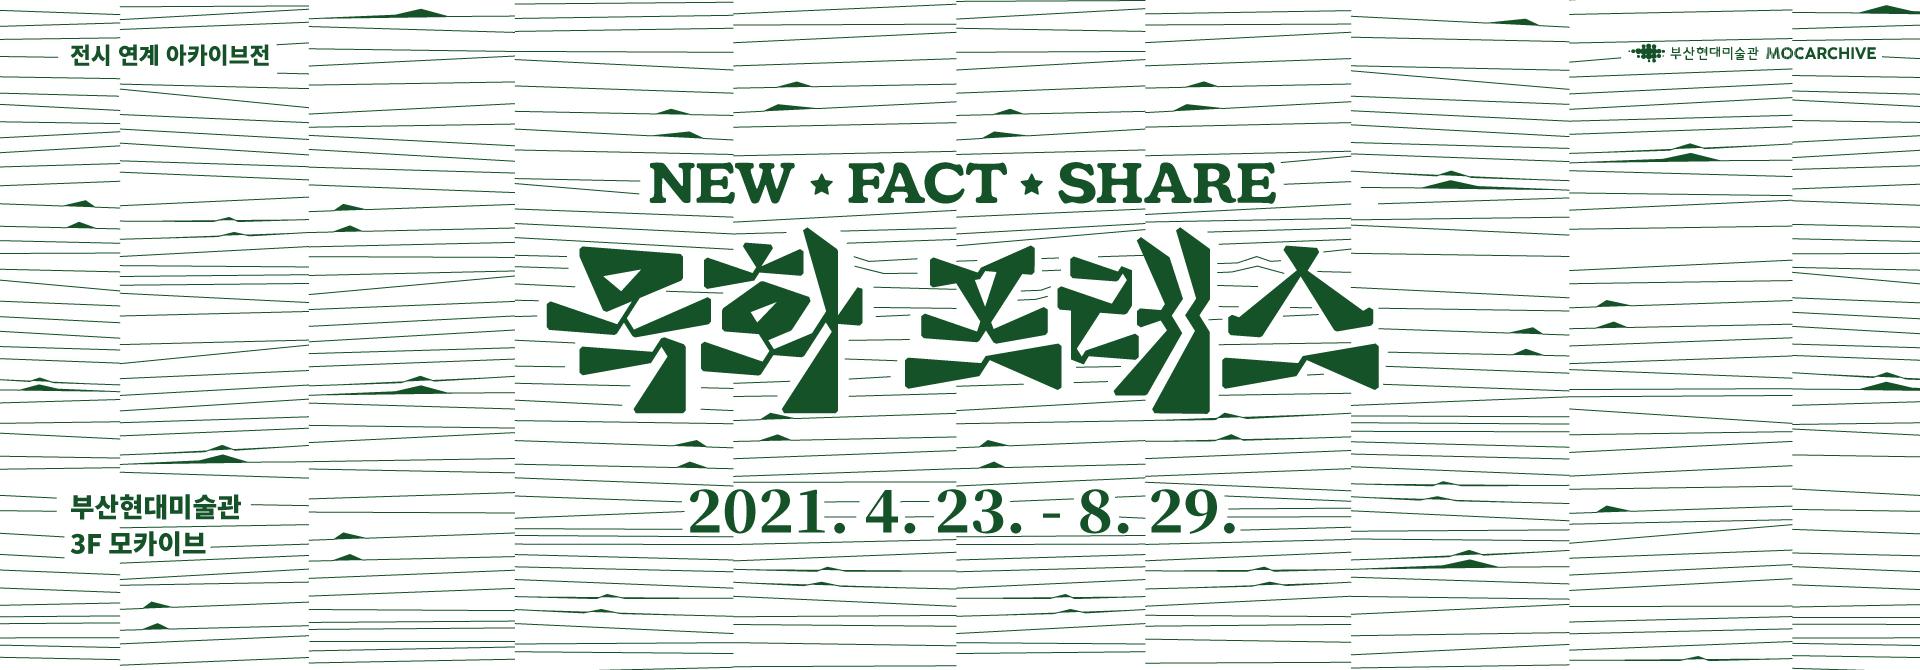 전시 연계 아카이브전 NEW ★ FACT ★ SHARE 목화 프레스  2021. 4. 23. - 8. 29. 부산현대미술관 3F 모카이브